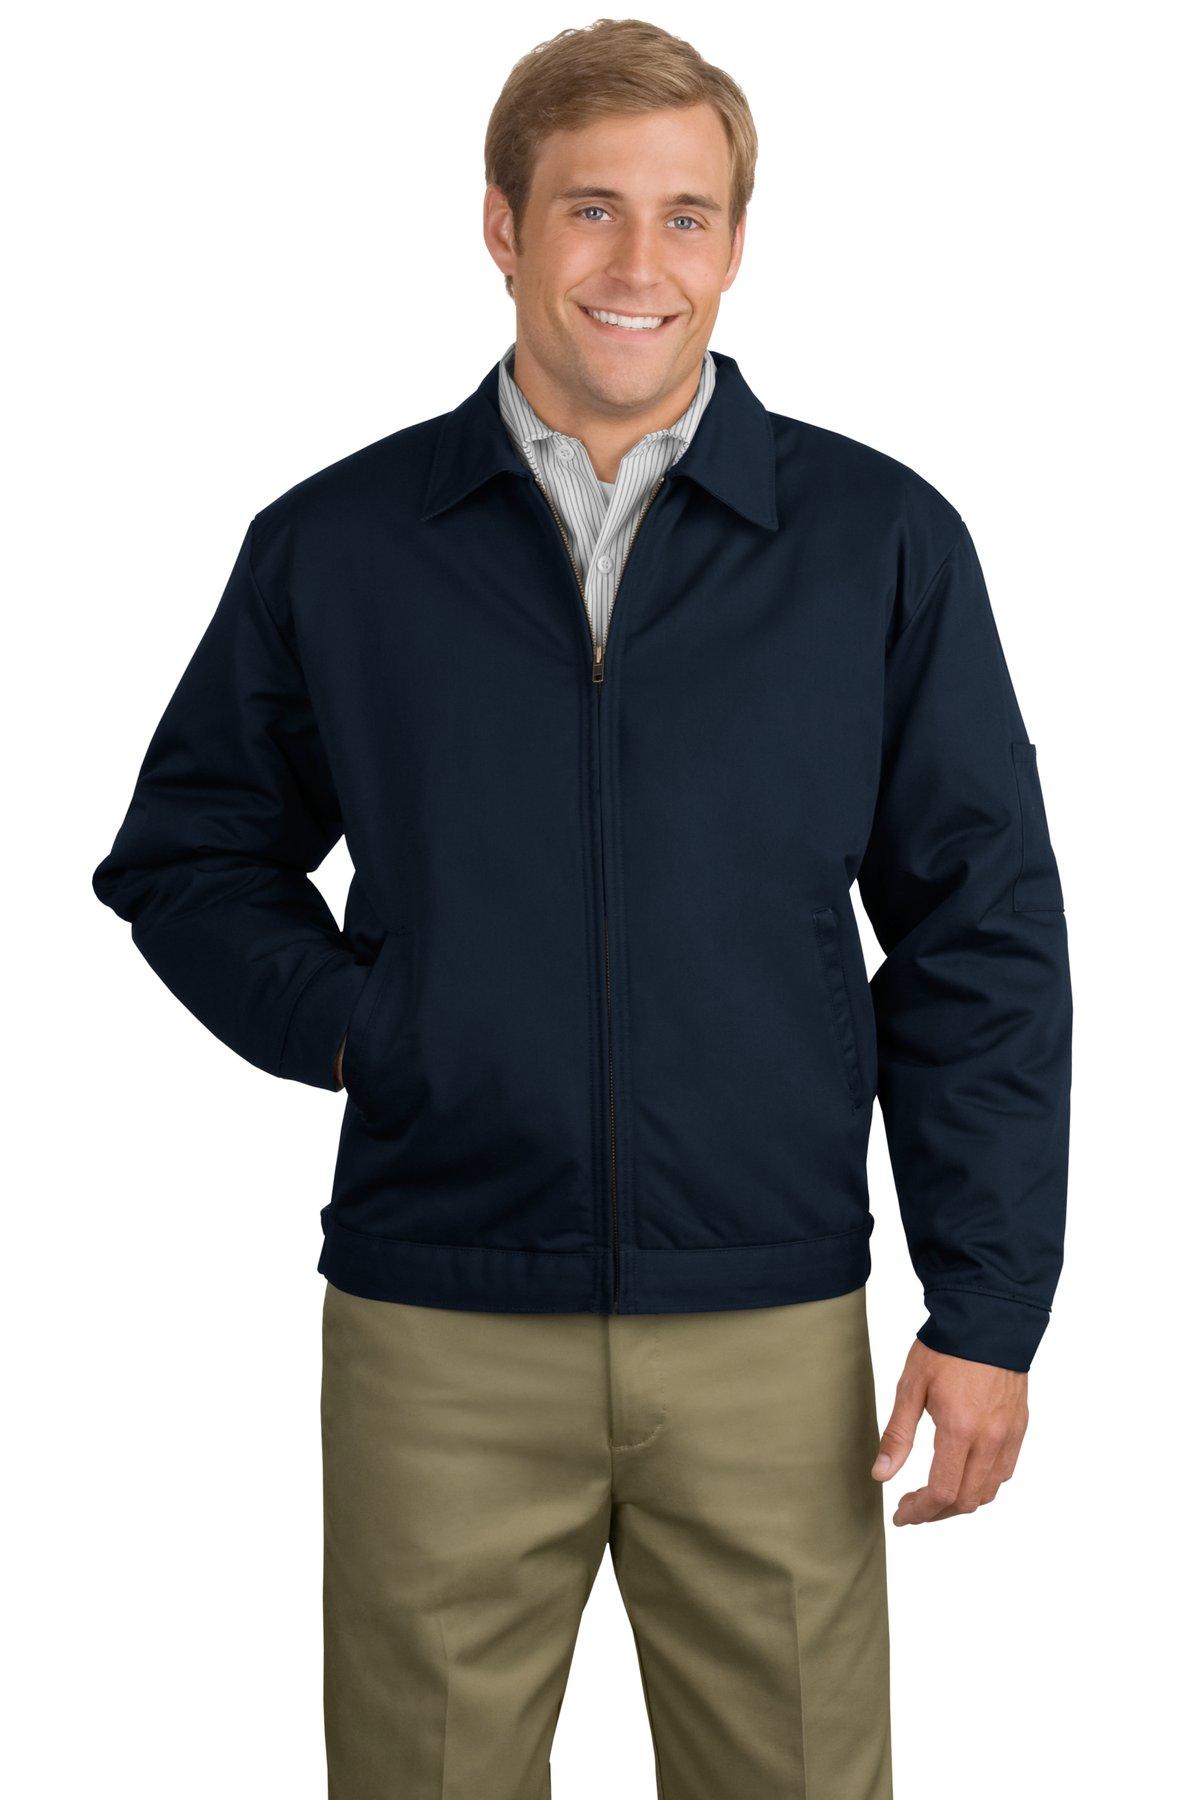 Outerwear-Work-Jackets-4